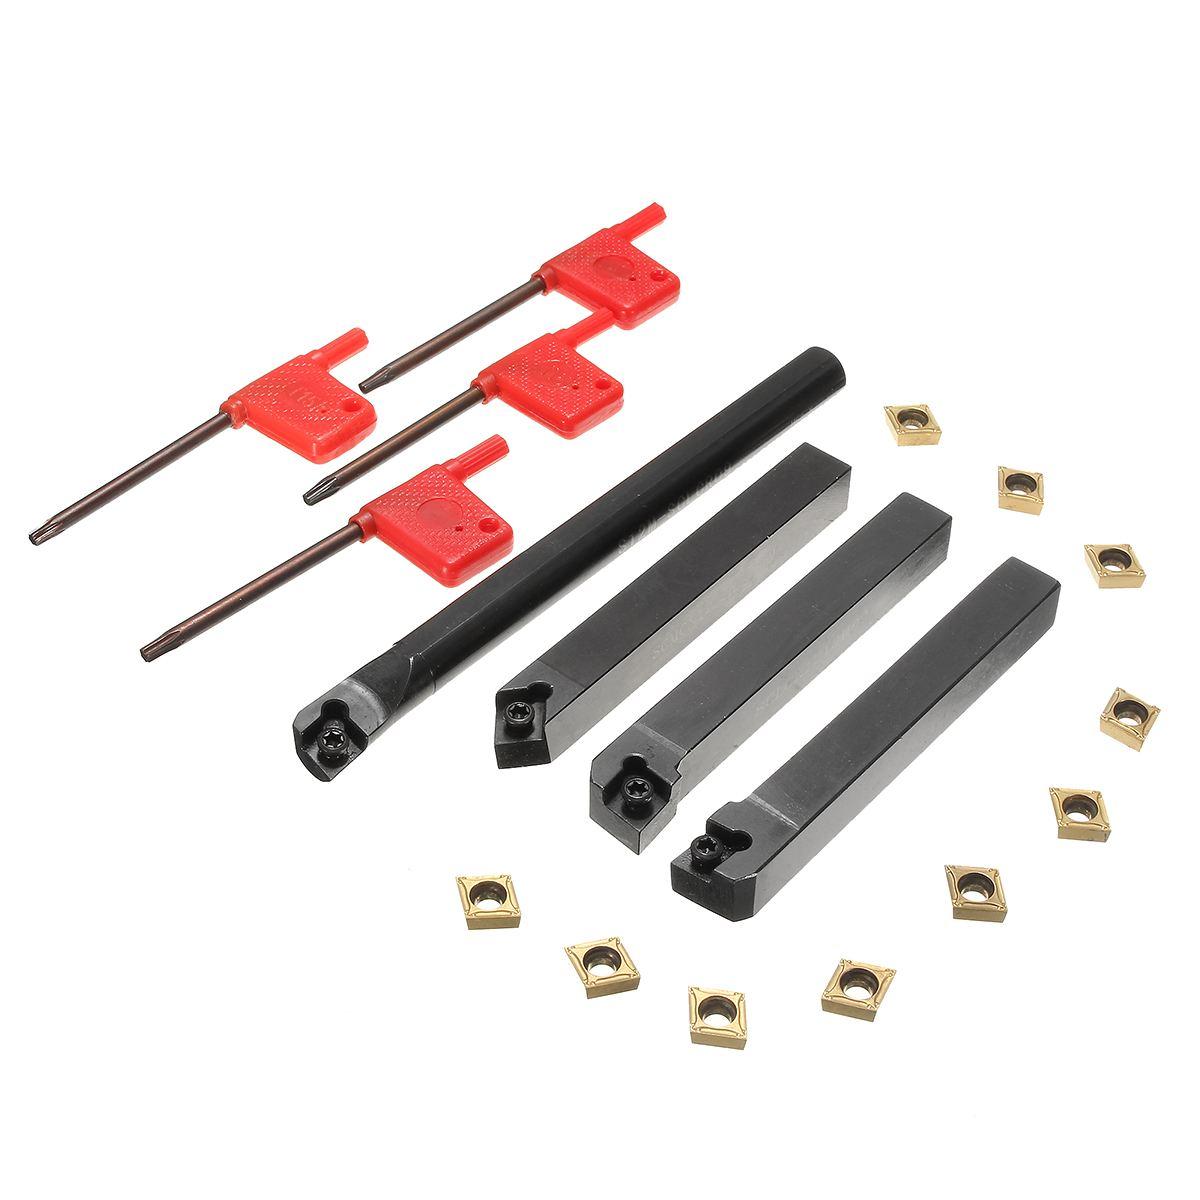 Chave para Torno Carboneto de Inserção + 4 Torno Torneamento Ferramenta Titular Conjunto 4 Máquina Conjuntos 10 Pçs Ccmt09t304 Mod. 134918